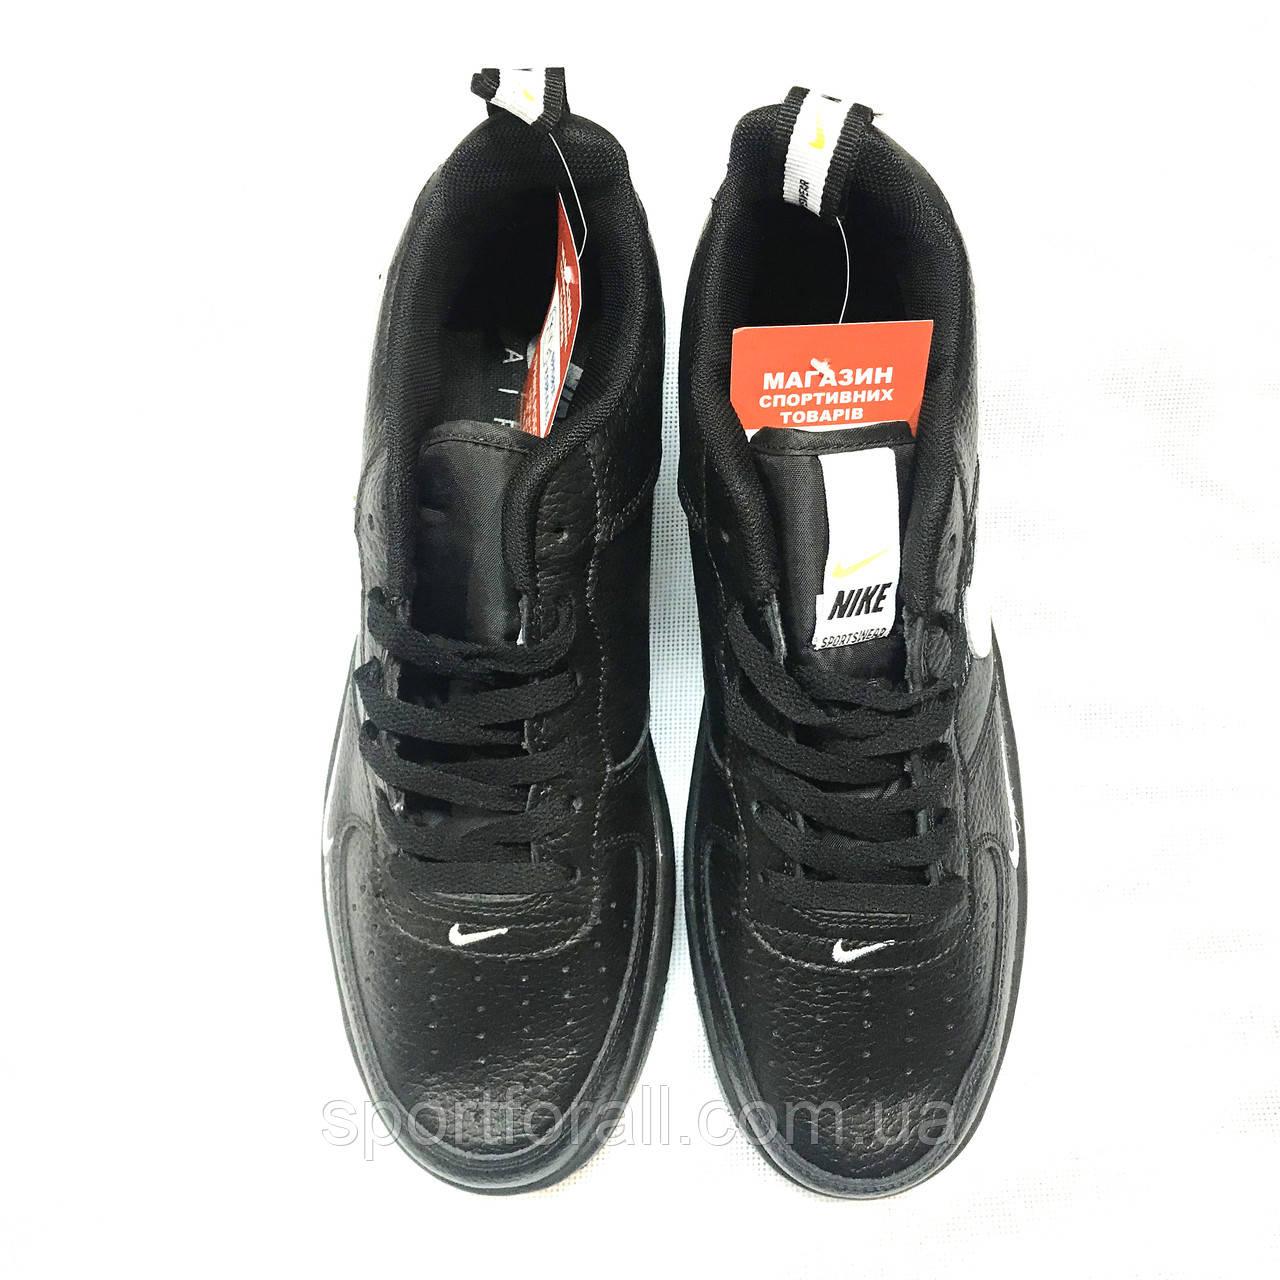 Чоловічі кросівки Nike Air Force р. 42,43,44,45,46 A 202-2